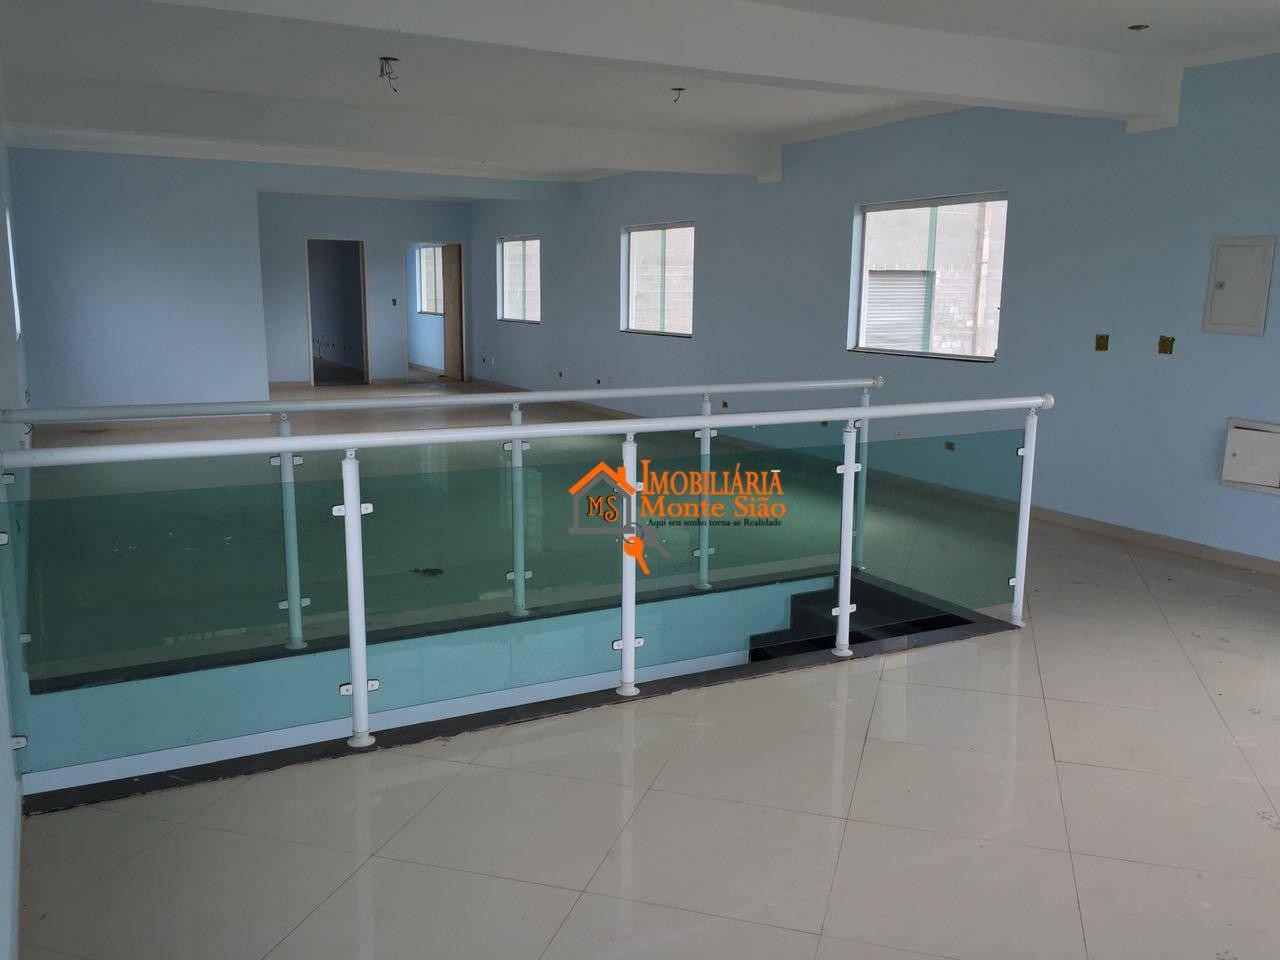 Galpão à venda, 3200 m² por R$ 8.000.000,00 - Jardim Silvestre - Guarulhos/SP